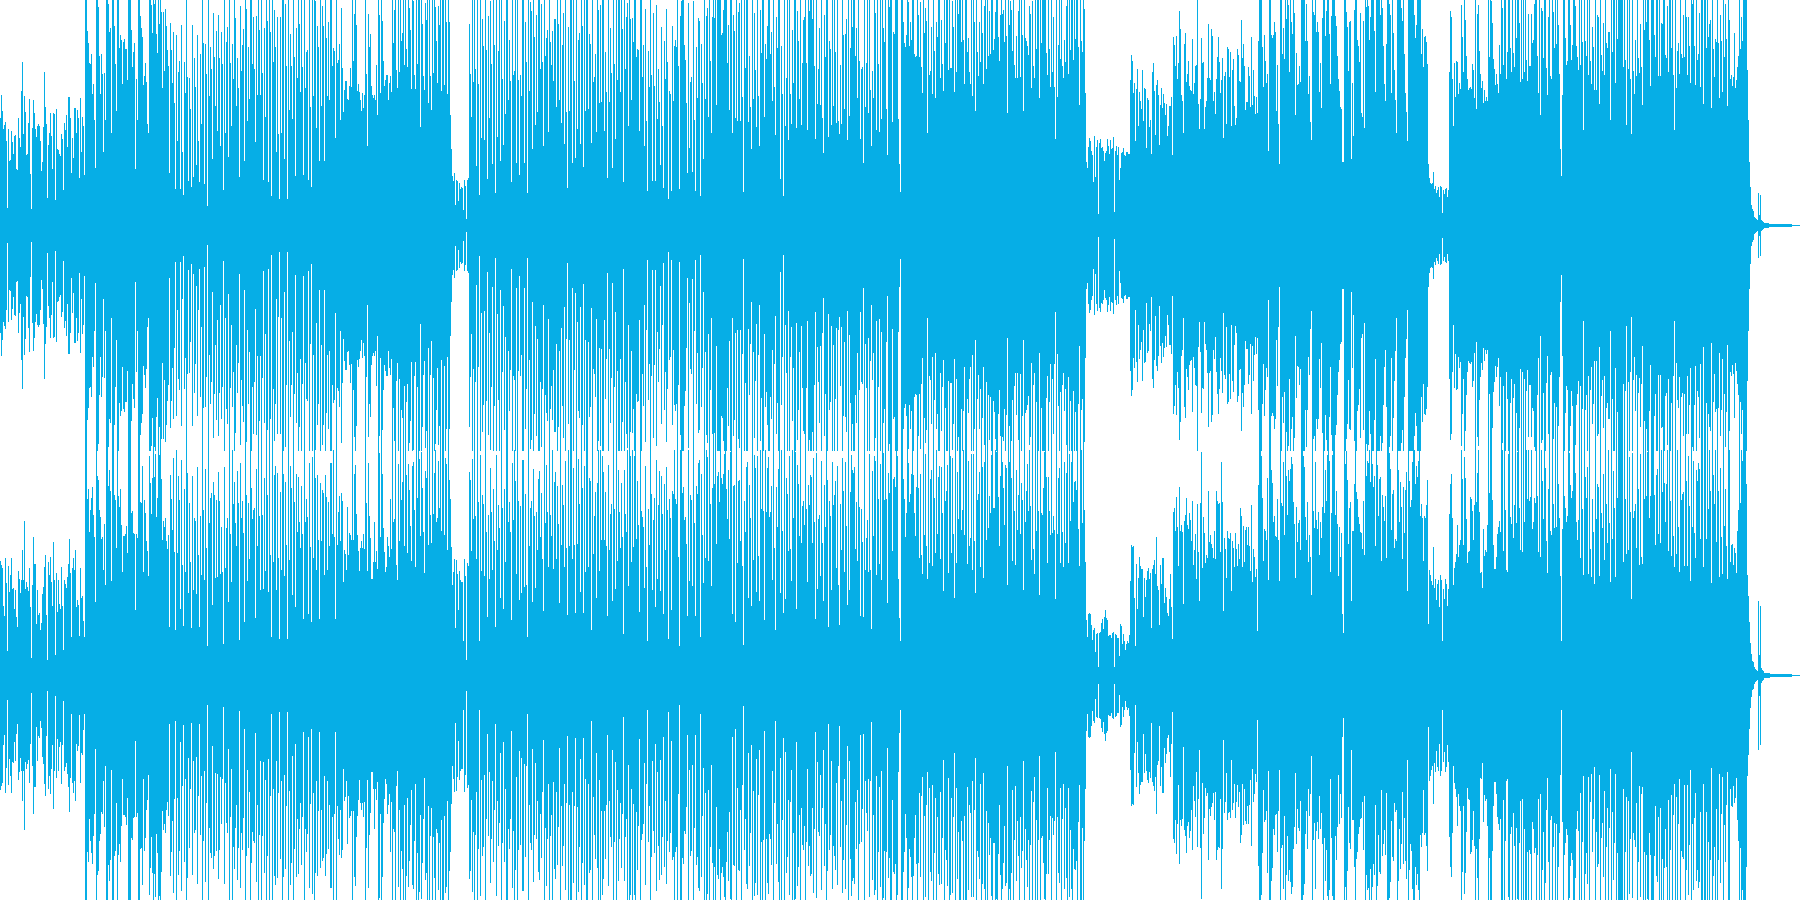 お菓子の国・メルヘンポップ A+の再生済みの波形